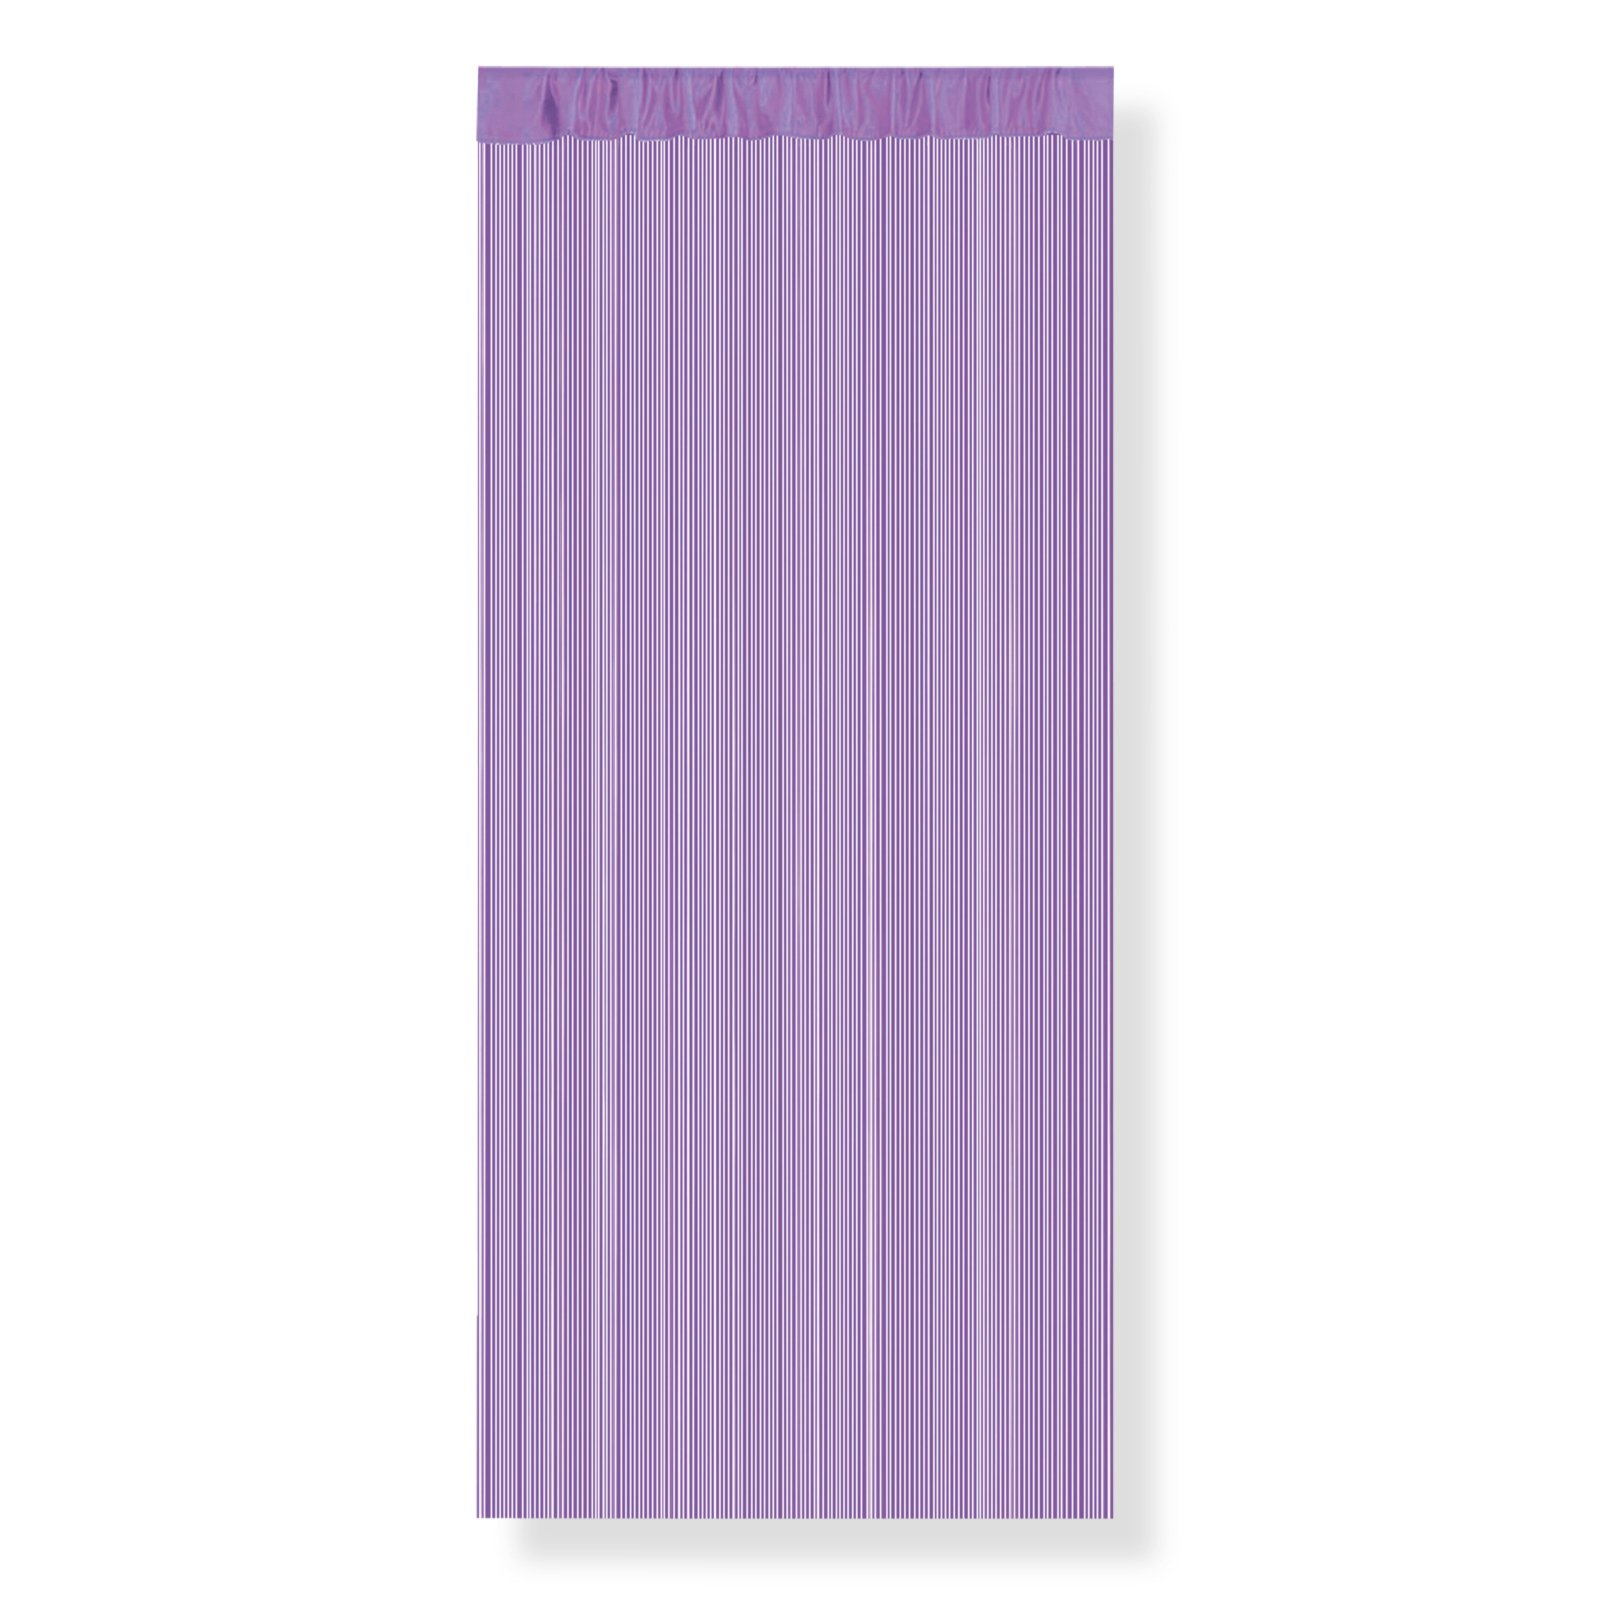 Fadenstore String Lila 90x245 Cm Fadengardinen Gardinen